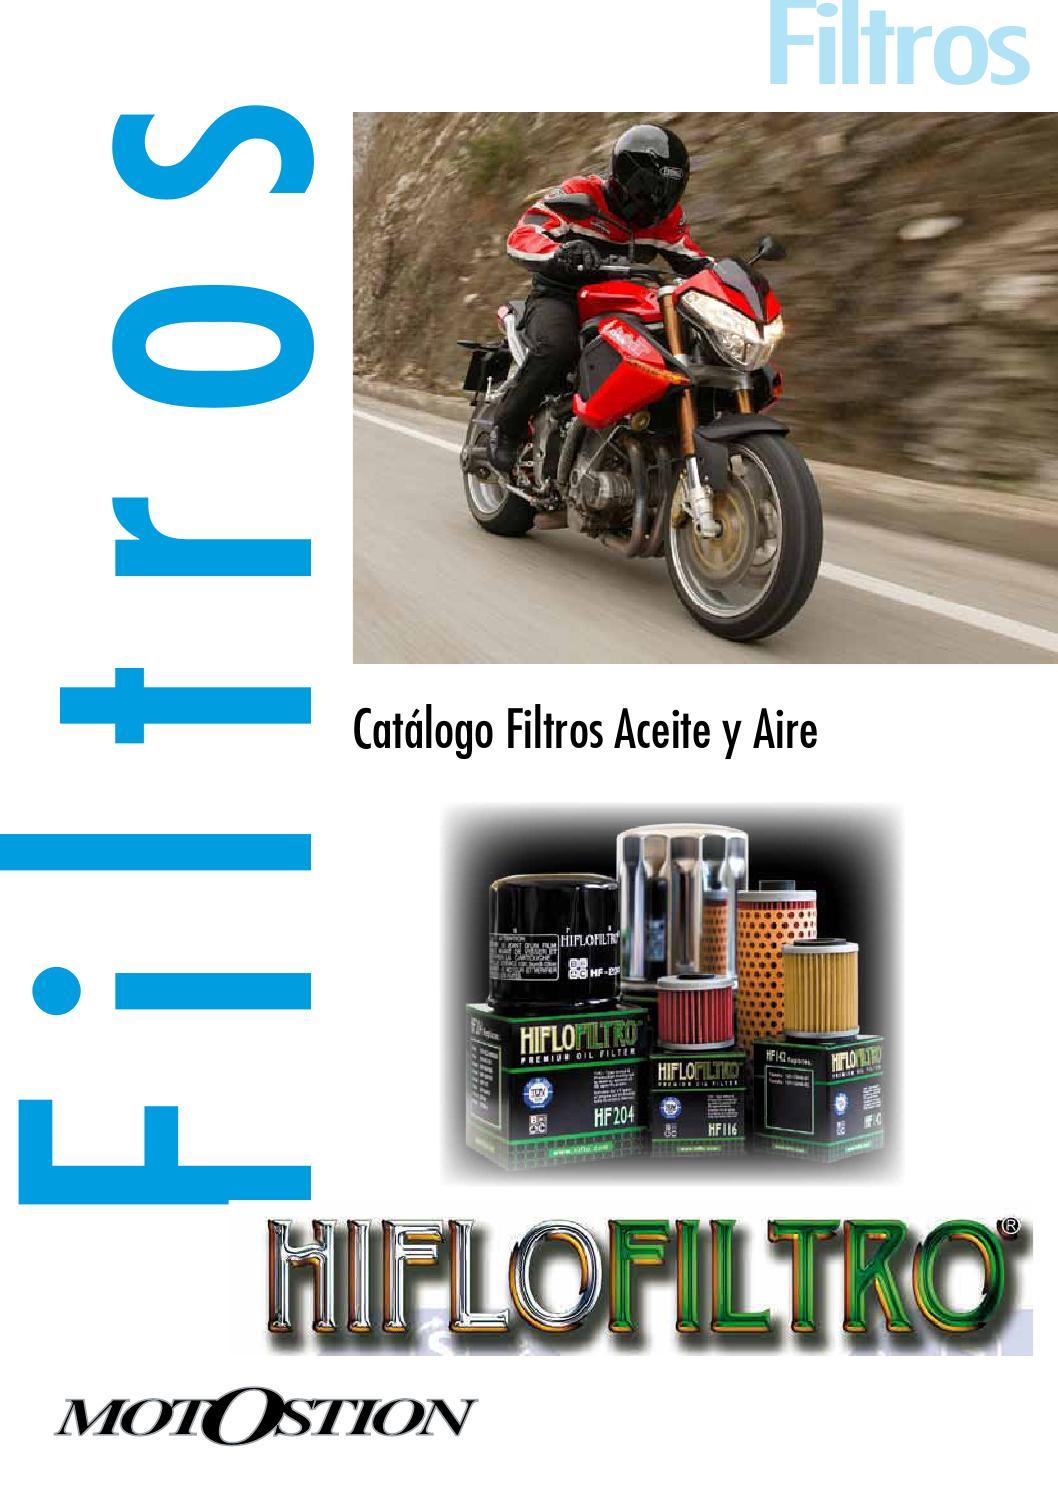 Filtre à huile HF143 Yamaha TW125 année 99-04